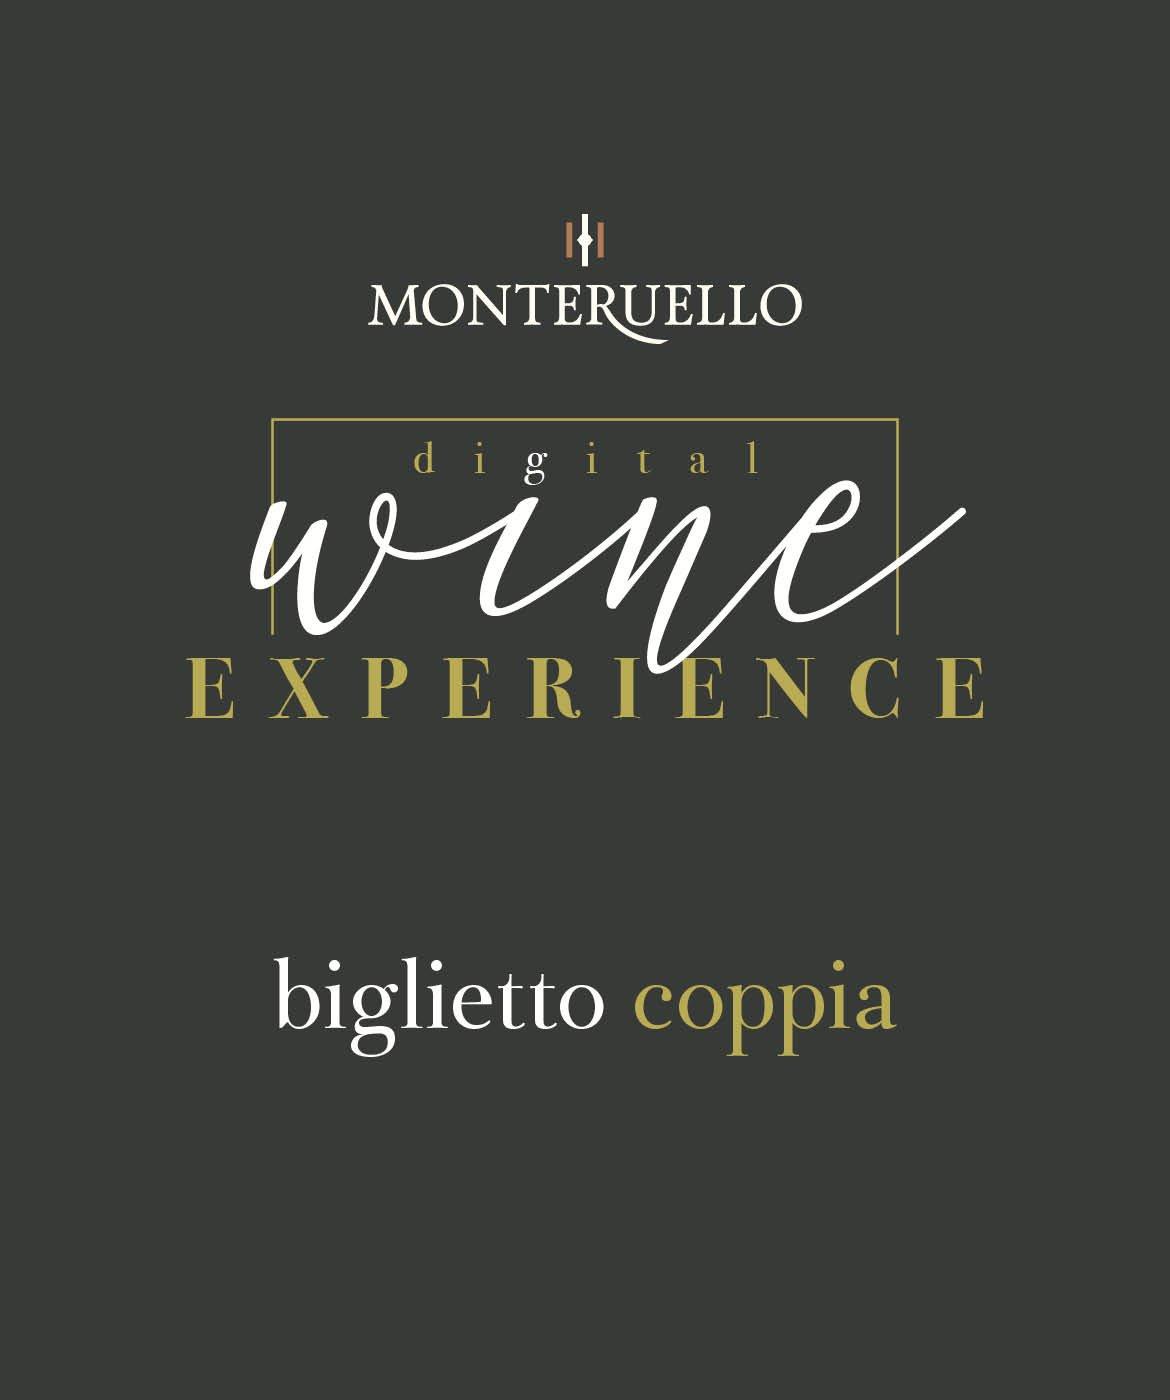 Monteruello | Wine Experience | Biglietto Coppia | www.monteruello.it